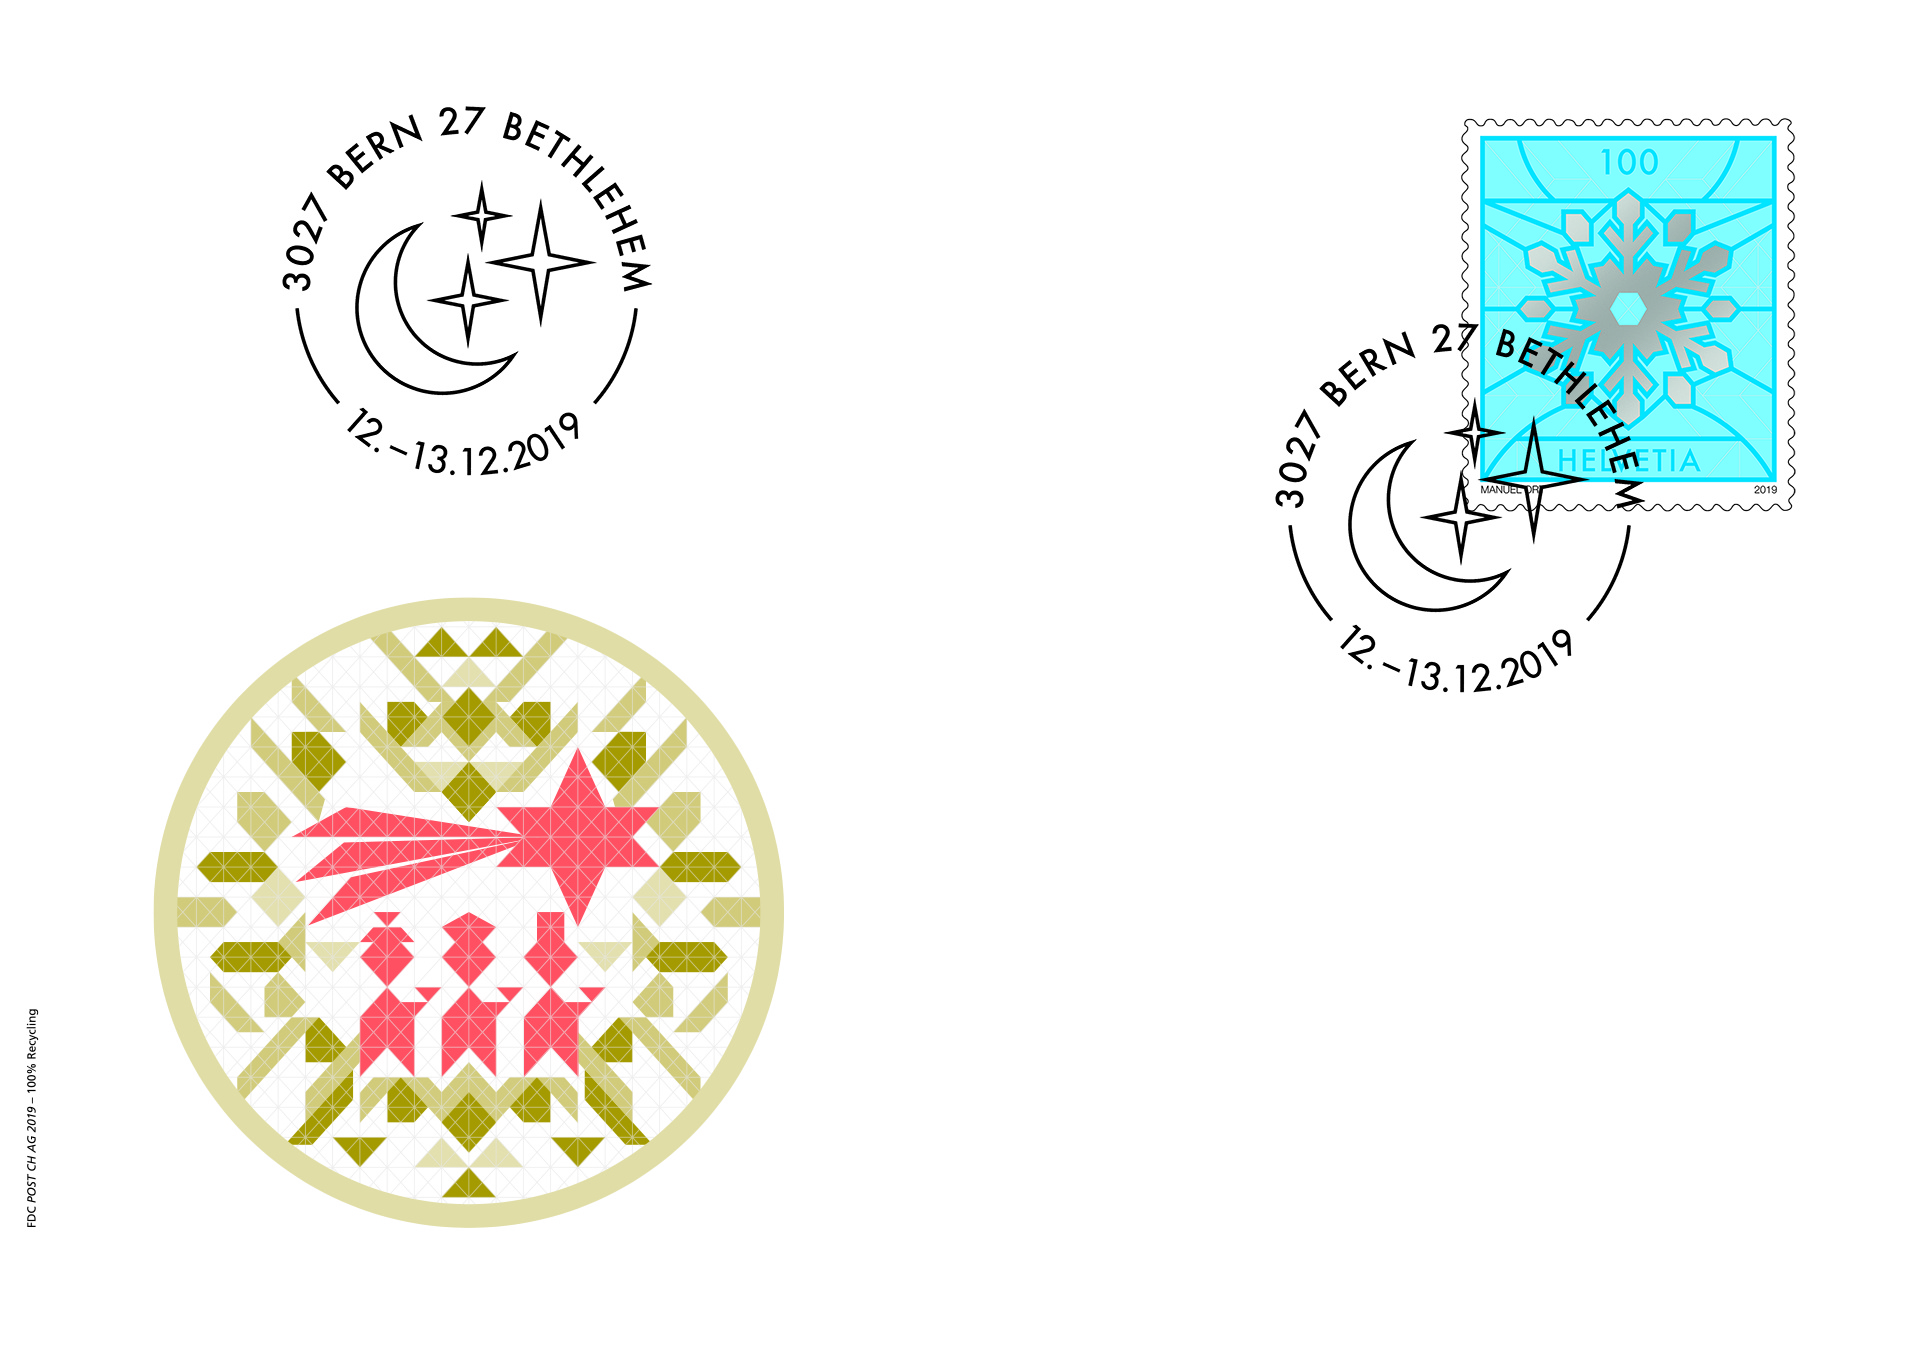 Dieses Jahr zieren Sichelmond und Sterne den Weihnachtsstempel von Bethlehem. Den Bethlehem-Sonderstempel 2019 hat Manuel Ort, Grafiker aus Bern, konzipiert.